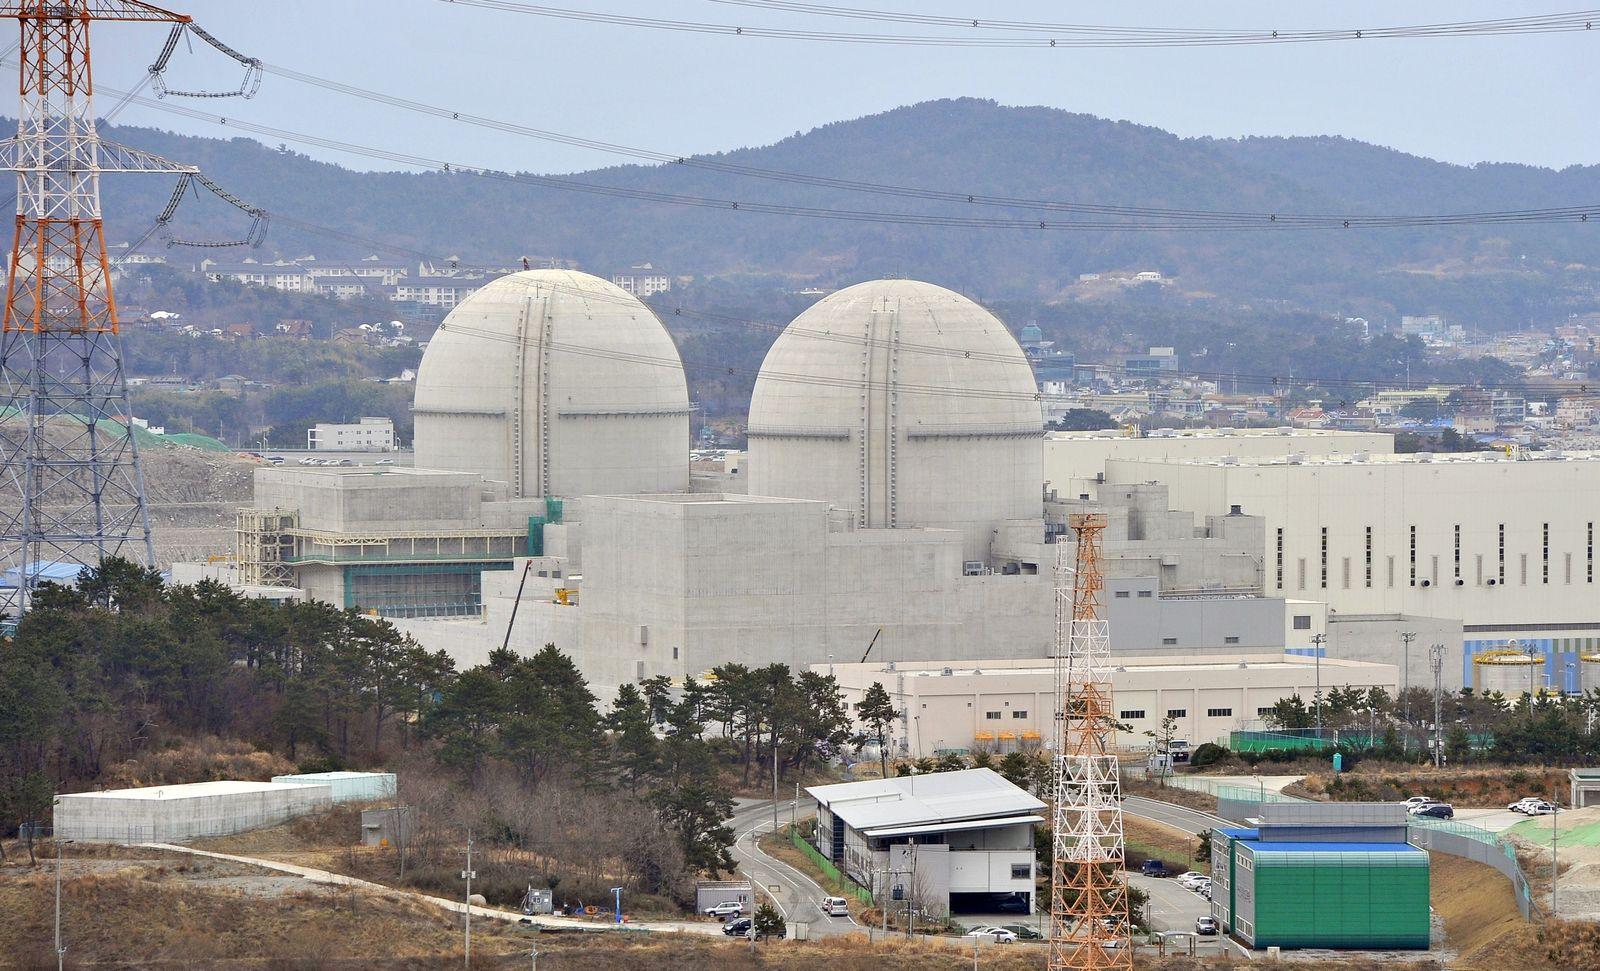 SKOREA-NUCLEAR-ENERGY